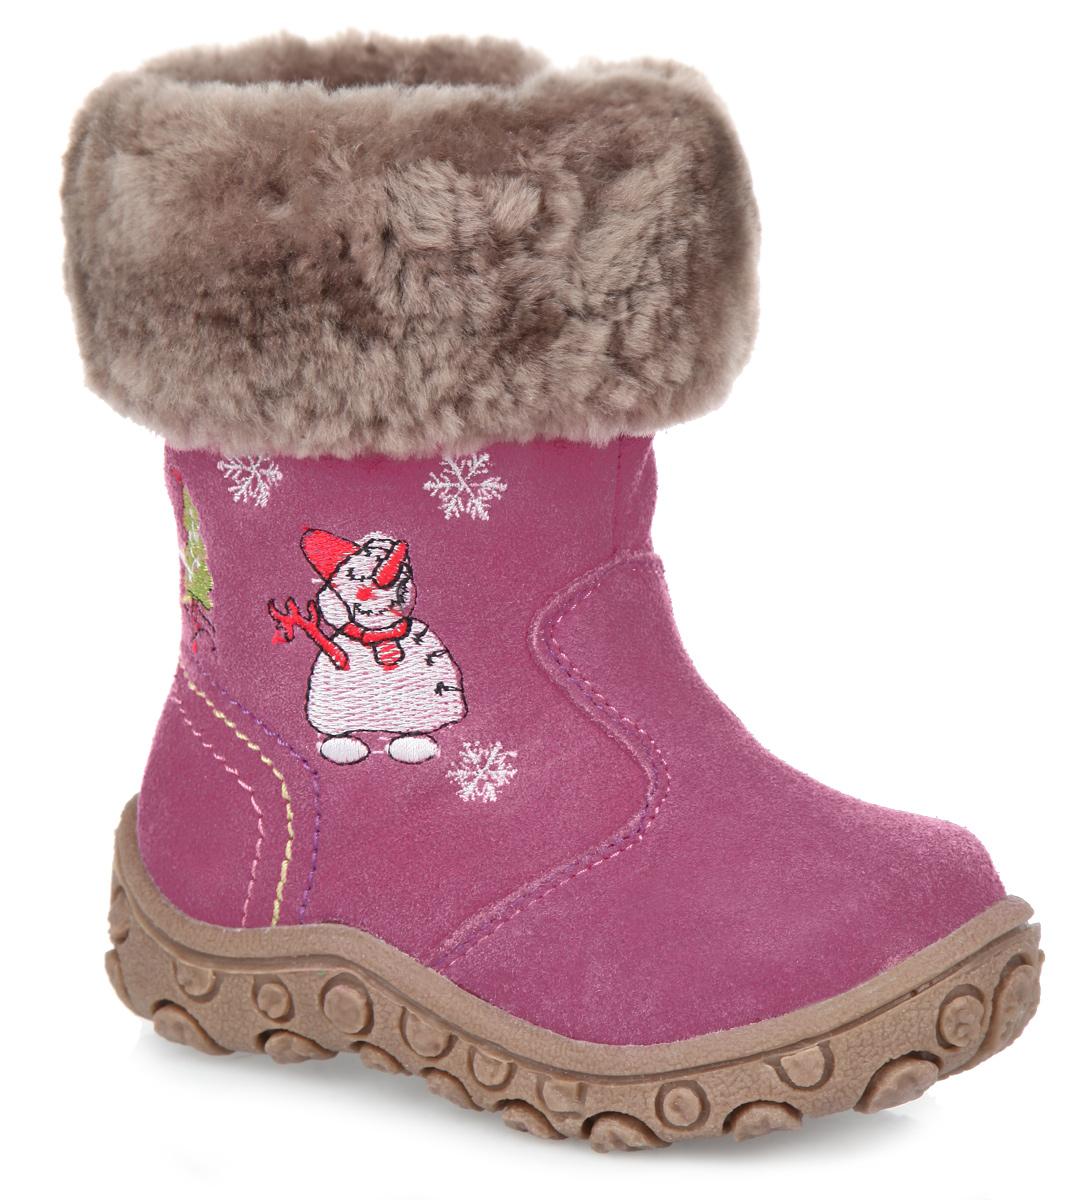 13-374Очаровательные зимние сапожки от Аллигаша порадуют вас и вашего ребенка своим дизайном! Модель изготовлена из натуральной замши и оформлена контрастной прострочкой, на голенище - вышитым узором в виде оленей и снежинок. Верх изделия дополнен оторочкой из натурального меха. Сапоги застегиваются на удобную застежку-молнию, расположенную на одной из боковых сторон. Подкладка и стелька из натурального меха согреют ножки ребенка в холодную погоду. Резиновая подошва с протектором гарантирует идеальное сцепление на любой поверхности. Встречайте зиму ярко и с комфортом в сапожках от Аллигаша.